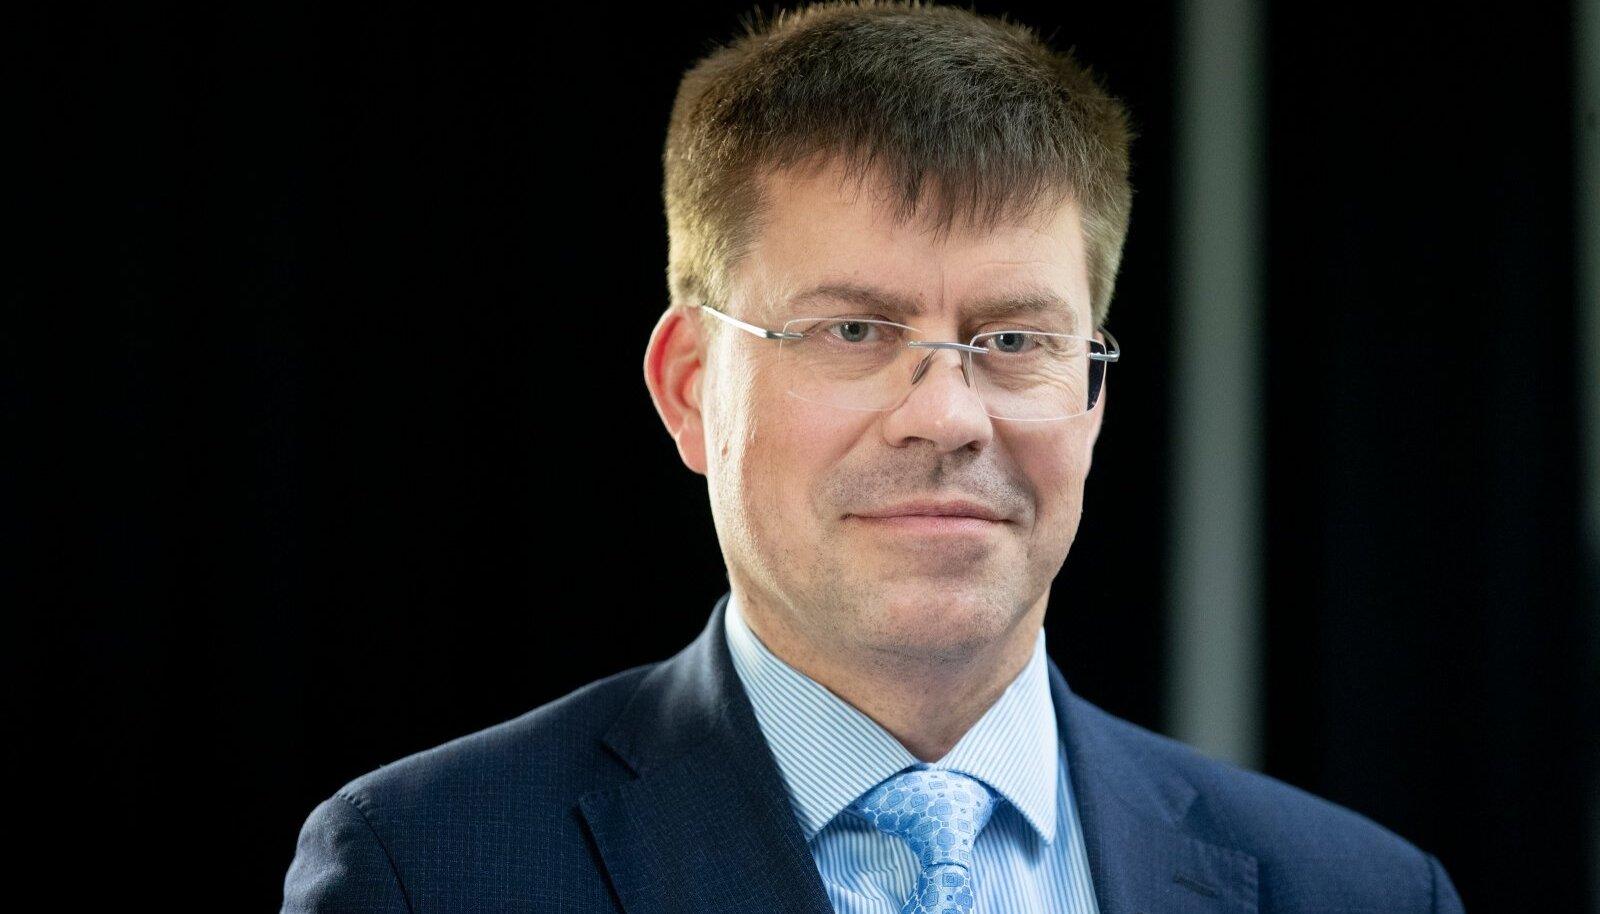 Terviseameti peadirektor Üllar Lanno usub, et eestimaalased suudavad veel nakatumistrendi ümber pöörata. Vastasel juhul tuleb riik suure tõenäosusega lihtsalt kinni panna, just nagu kevadel.